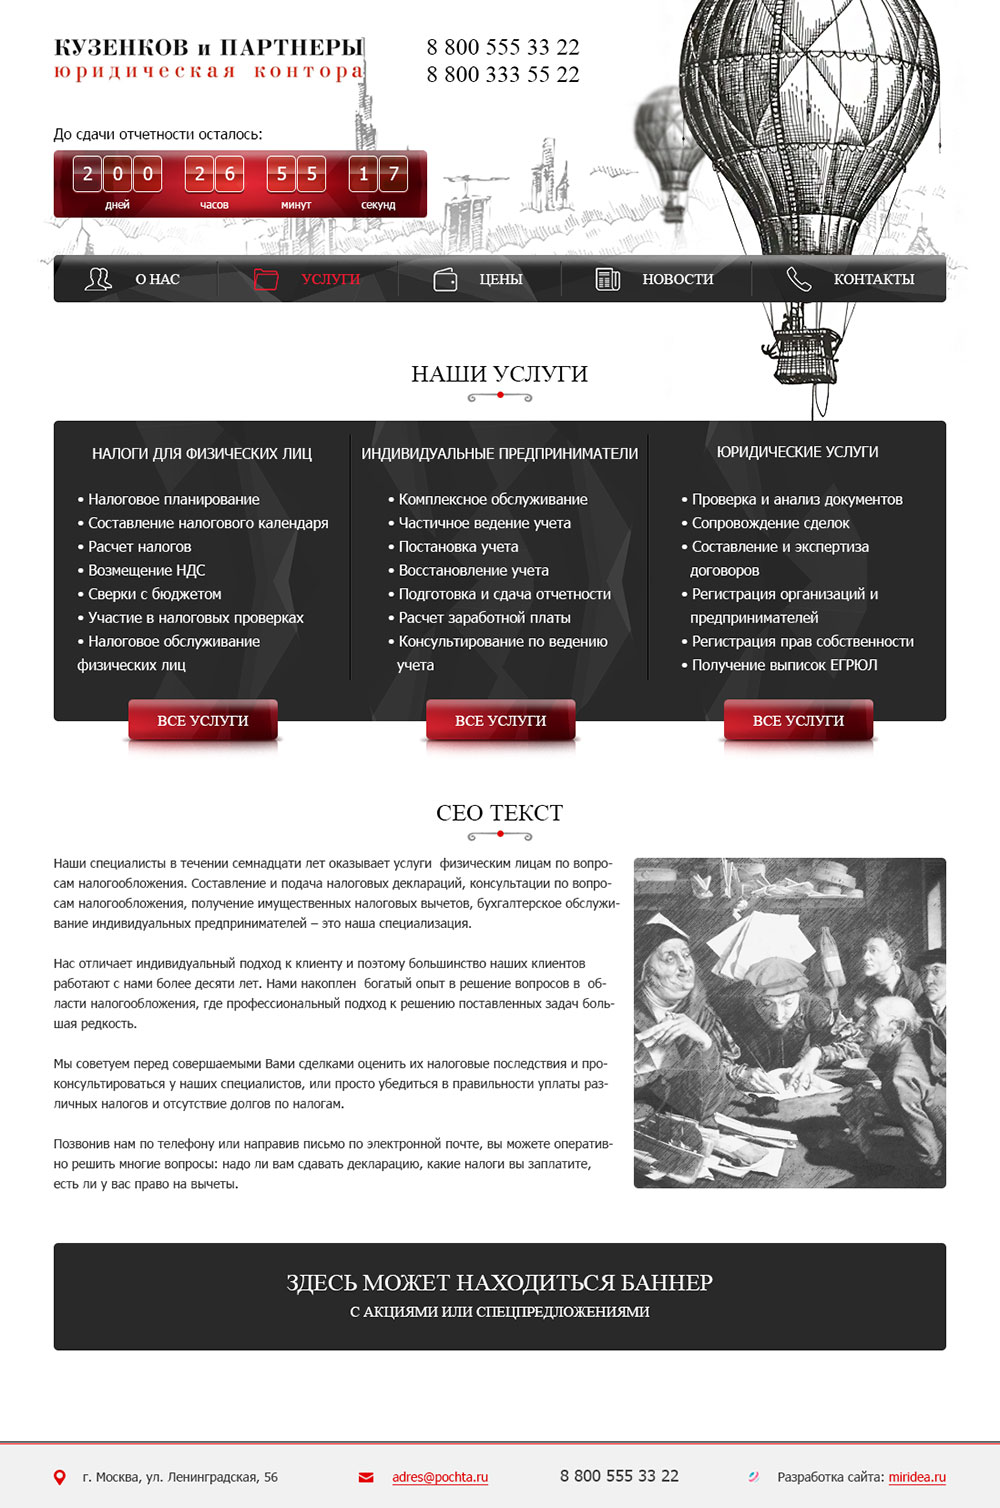 Кузенков и партнеры - юридическая фирма